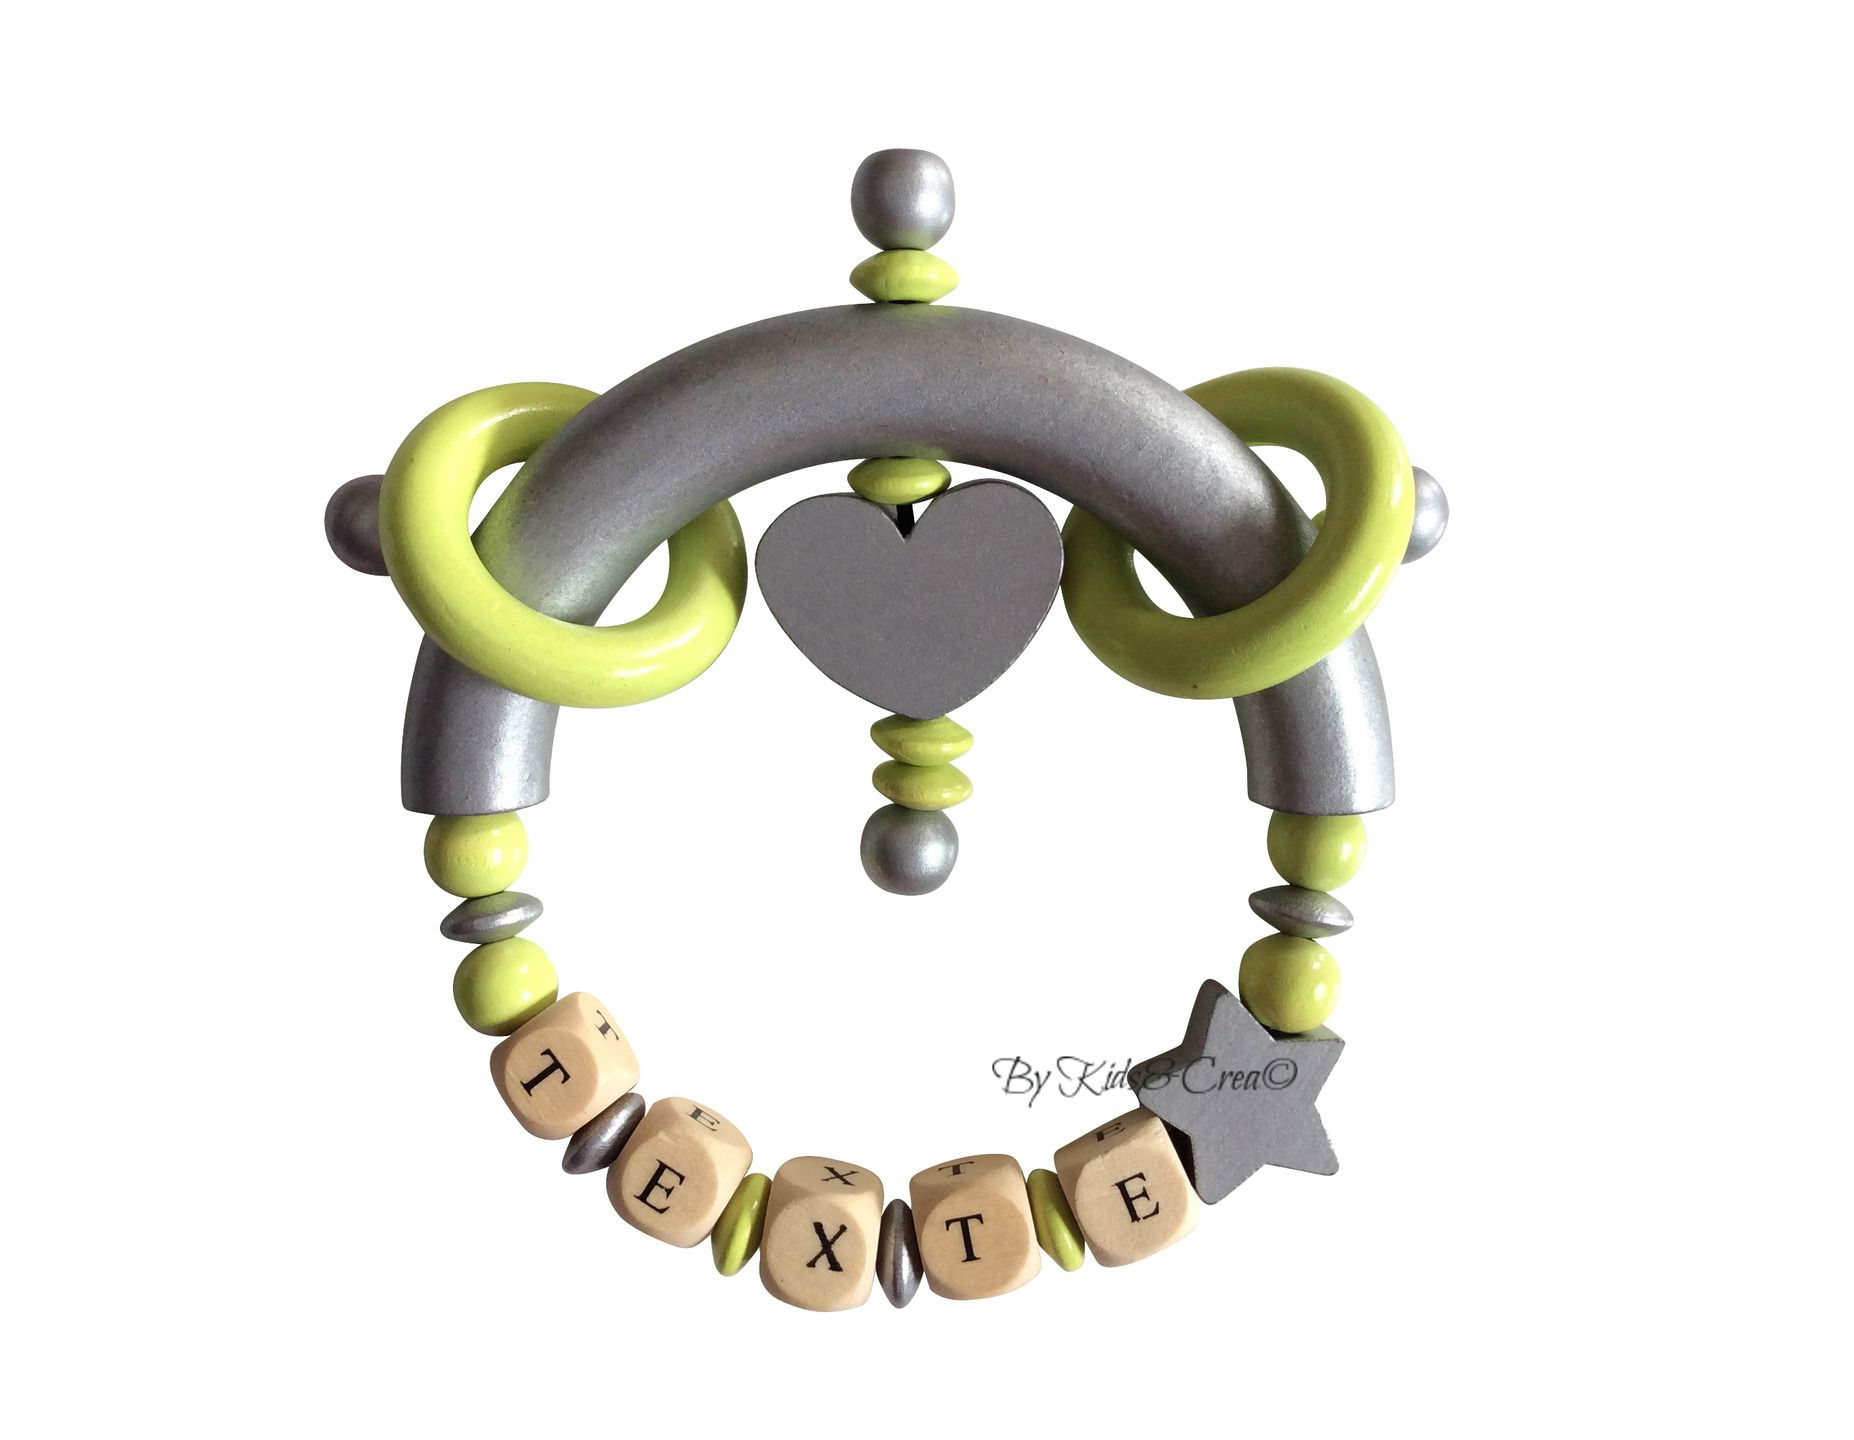 Hochet personnalisable au nom de votre bébé ou enfant Modèle Argent-Vert Anis : Puériculture par kidsandcrea